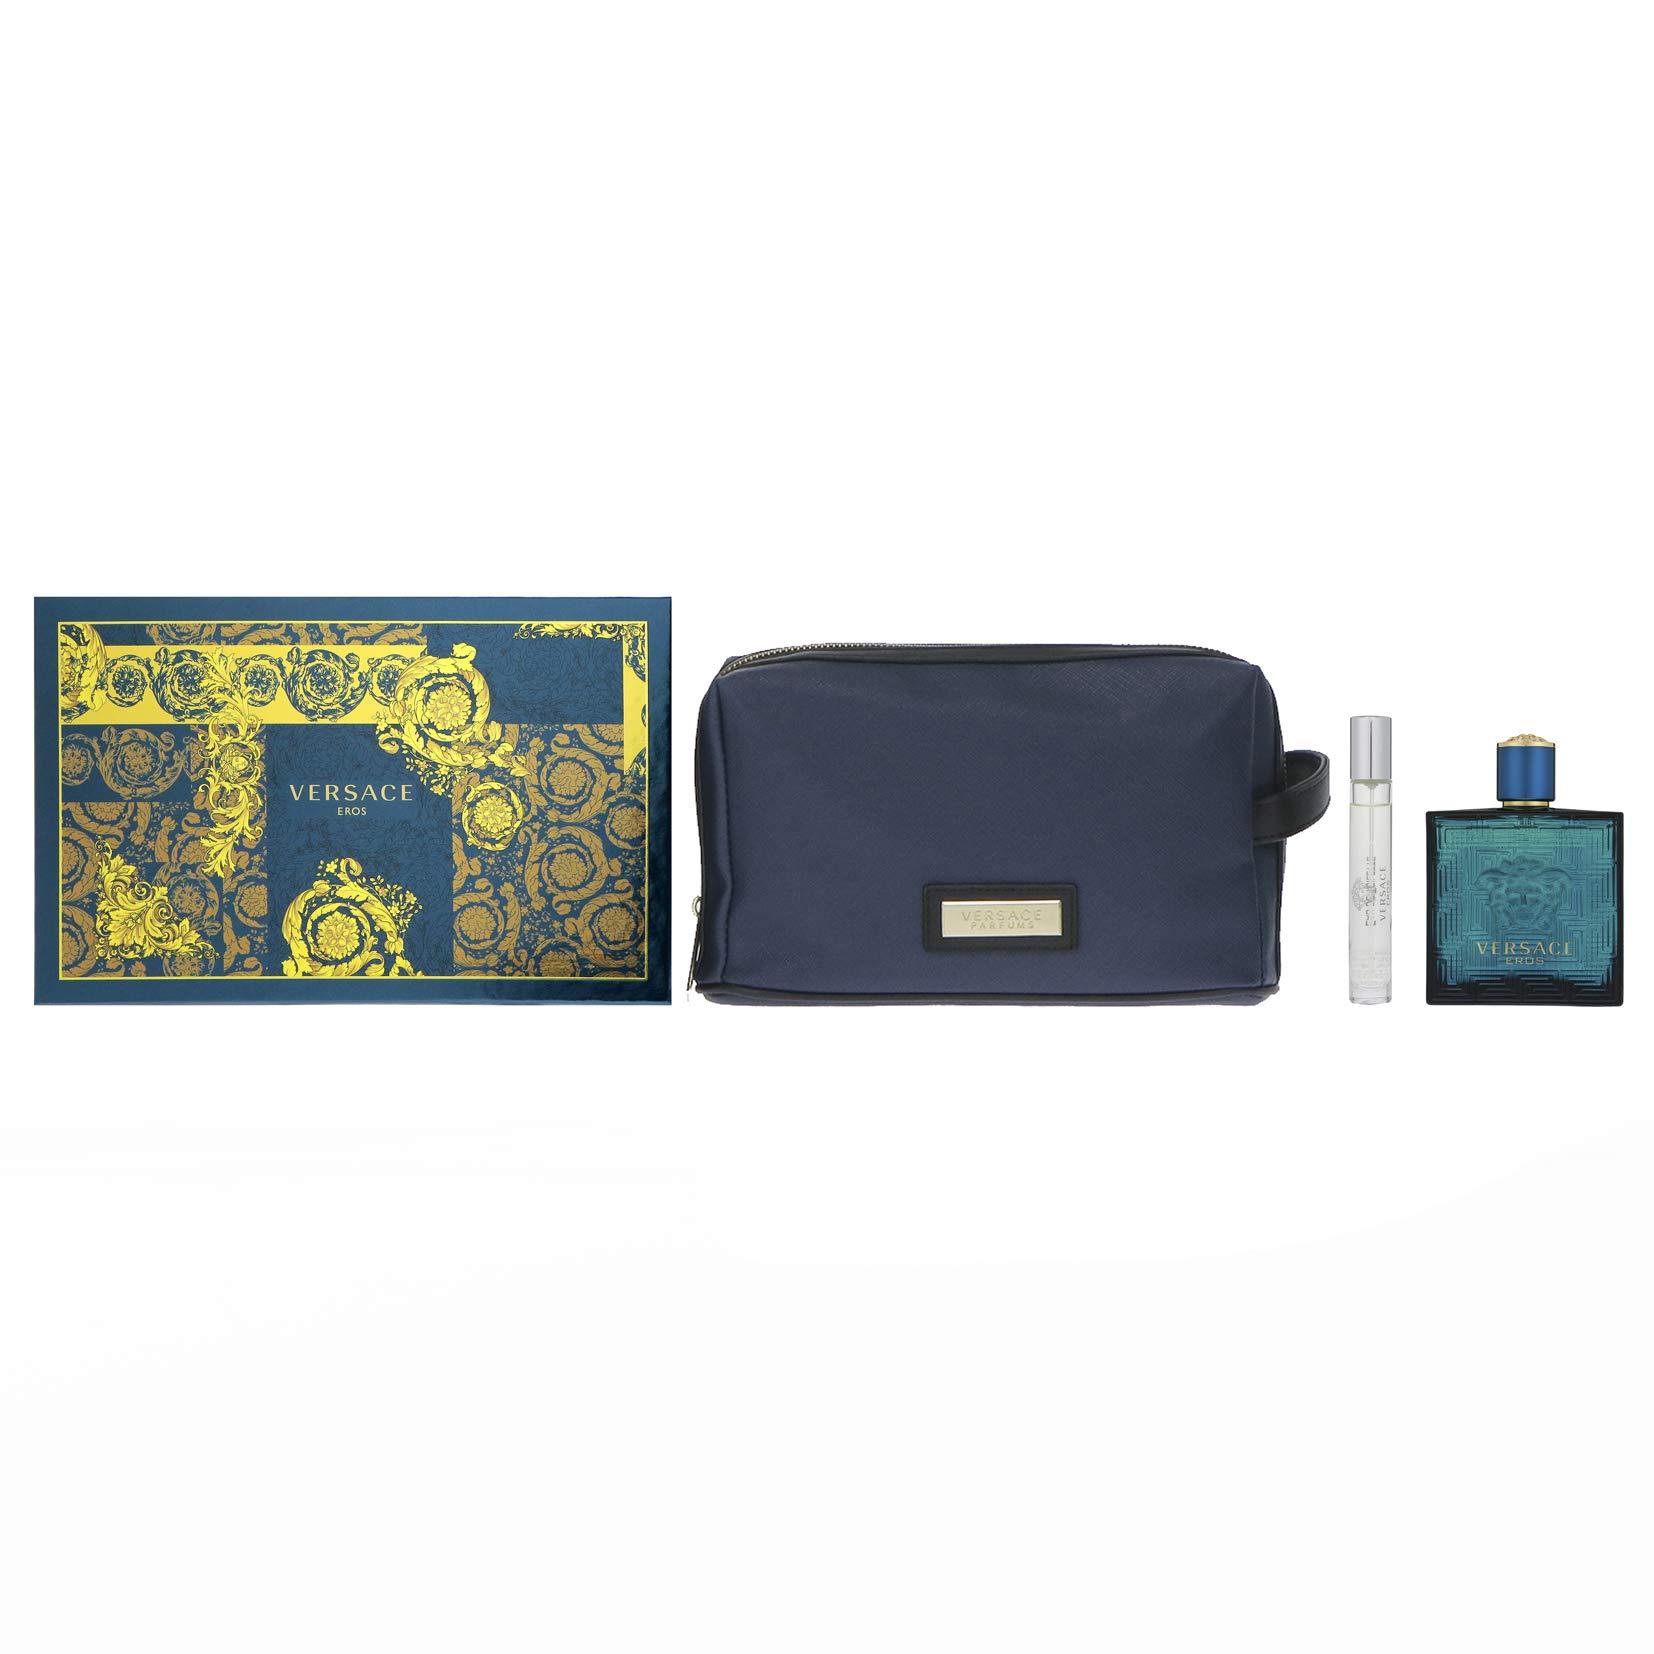 Versace Eros For Men 3 Pieces Hardbox Set (3.4 Ounce Eau De Toilette Spray+ 0.3 Ounce Eau De Toilette Spray +Versace Blue Trousse)